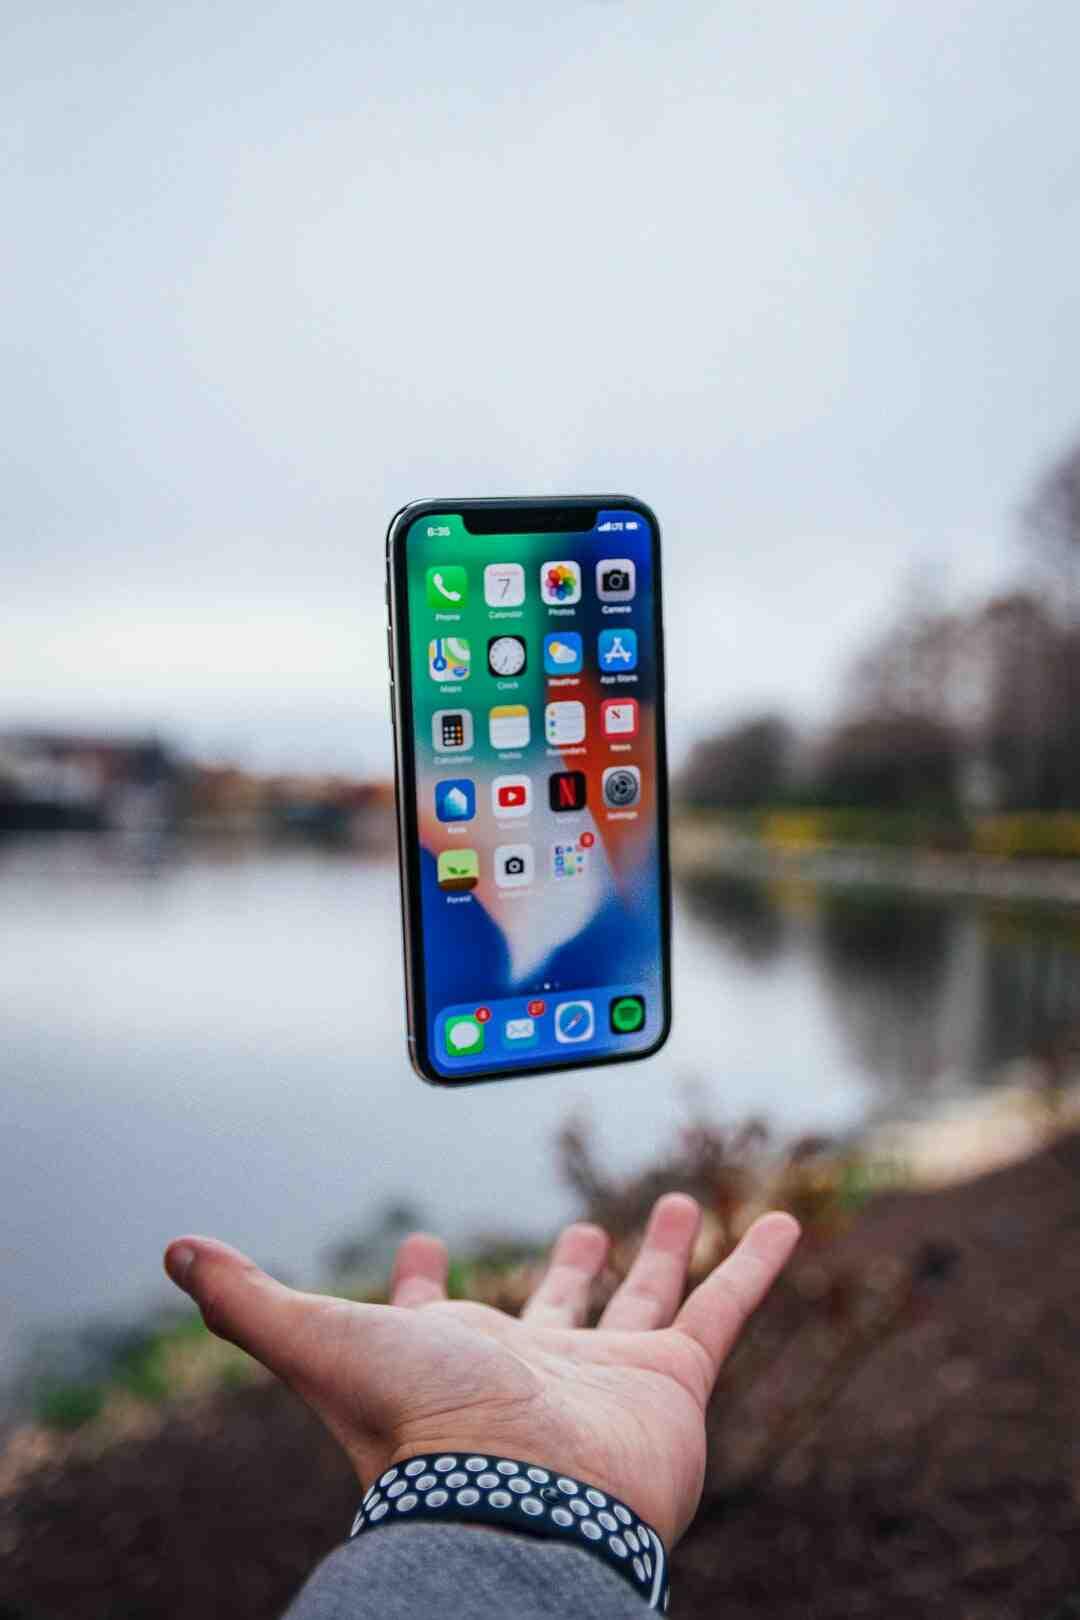 Comment faire une sauvegarde de son iPhone sans iTunes ?